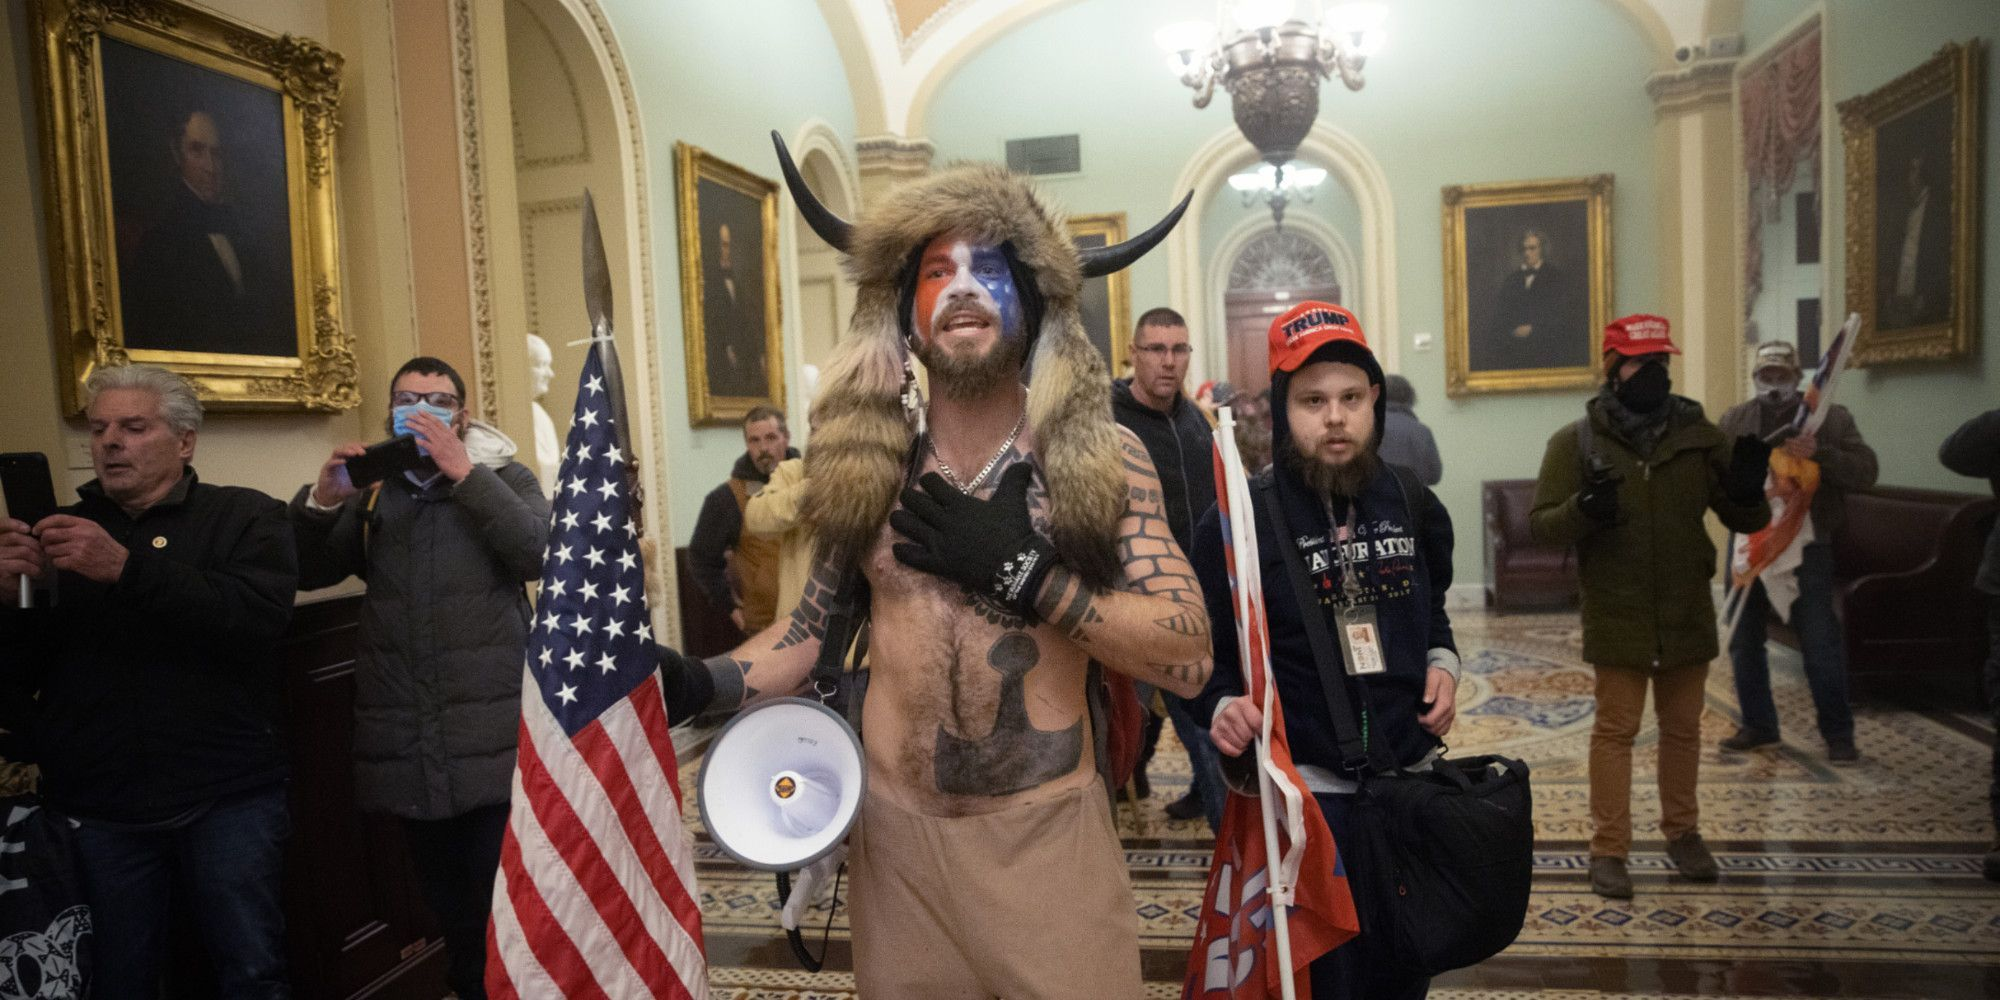 Manifestants à l'intérieur du Capitole.